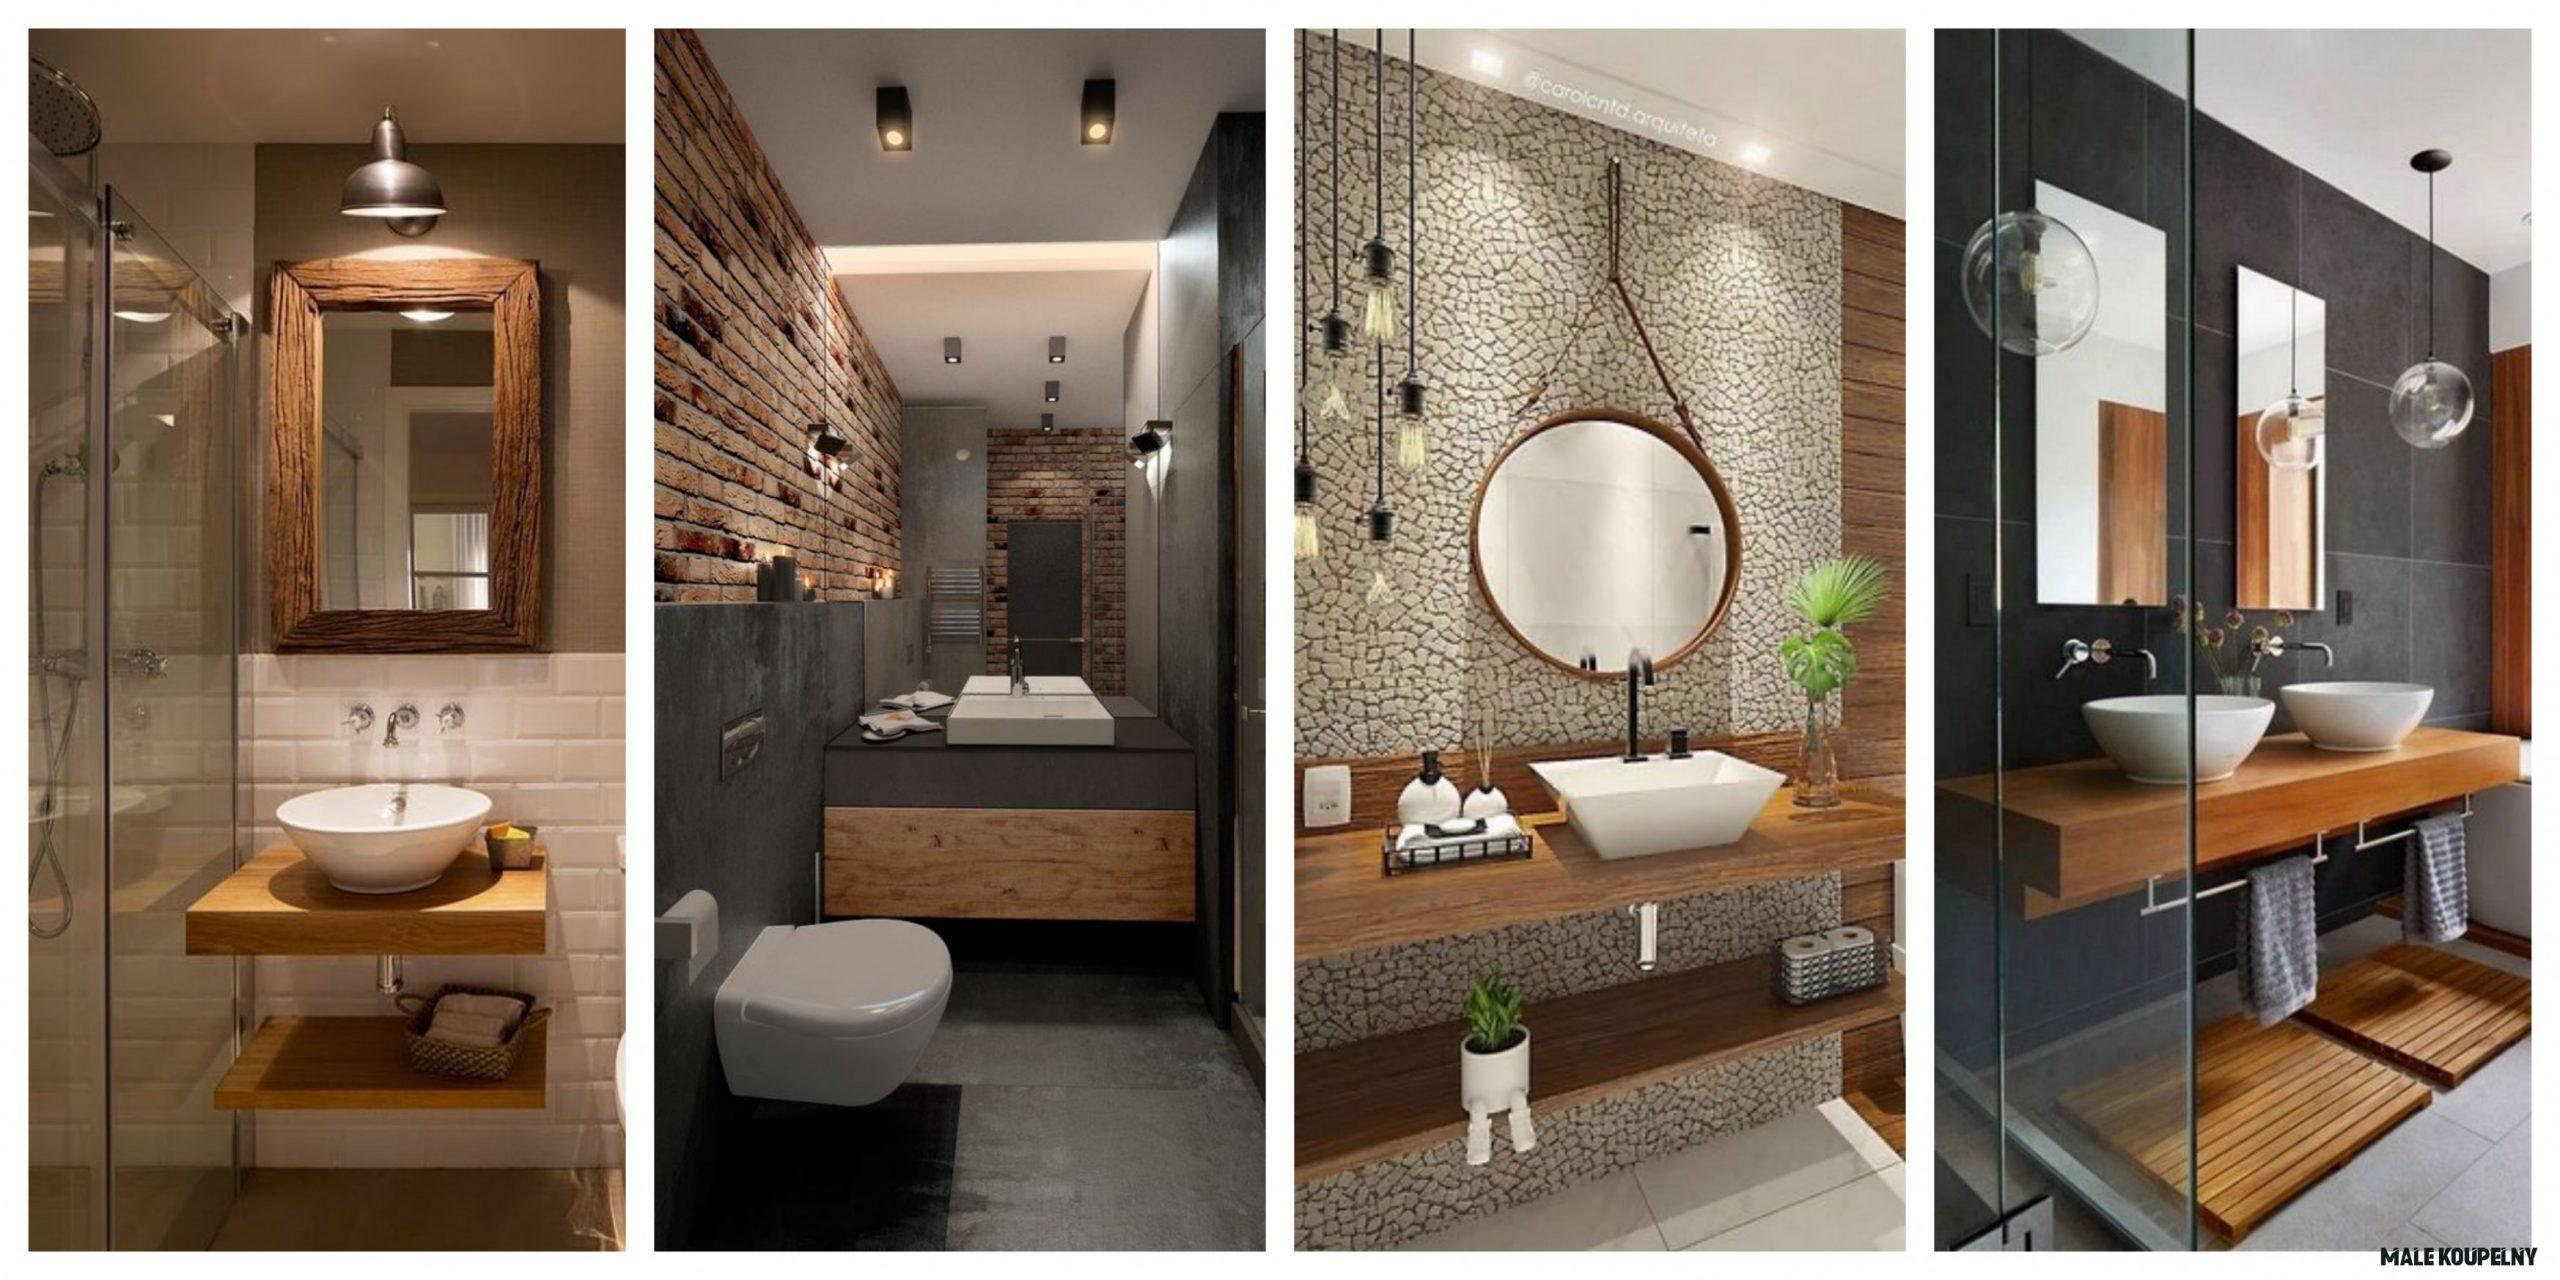 Rekonstrukce malé koupelny - inspirace, fotogalerie - Bydlení